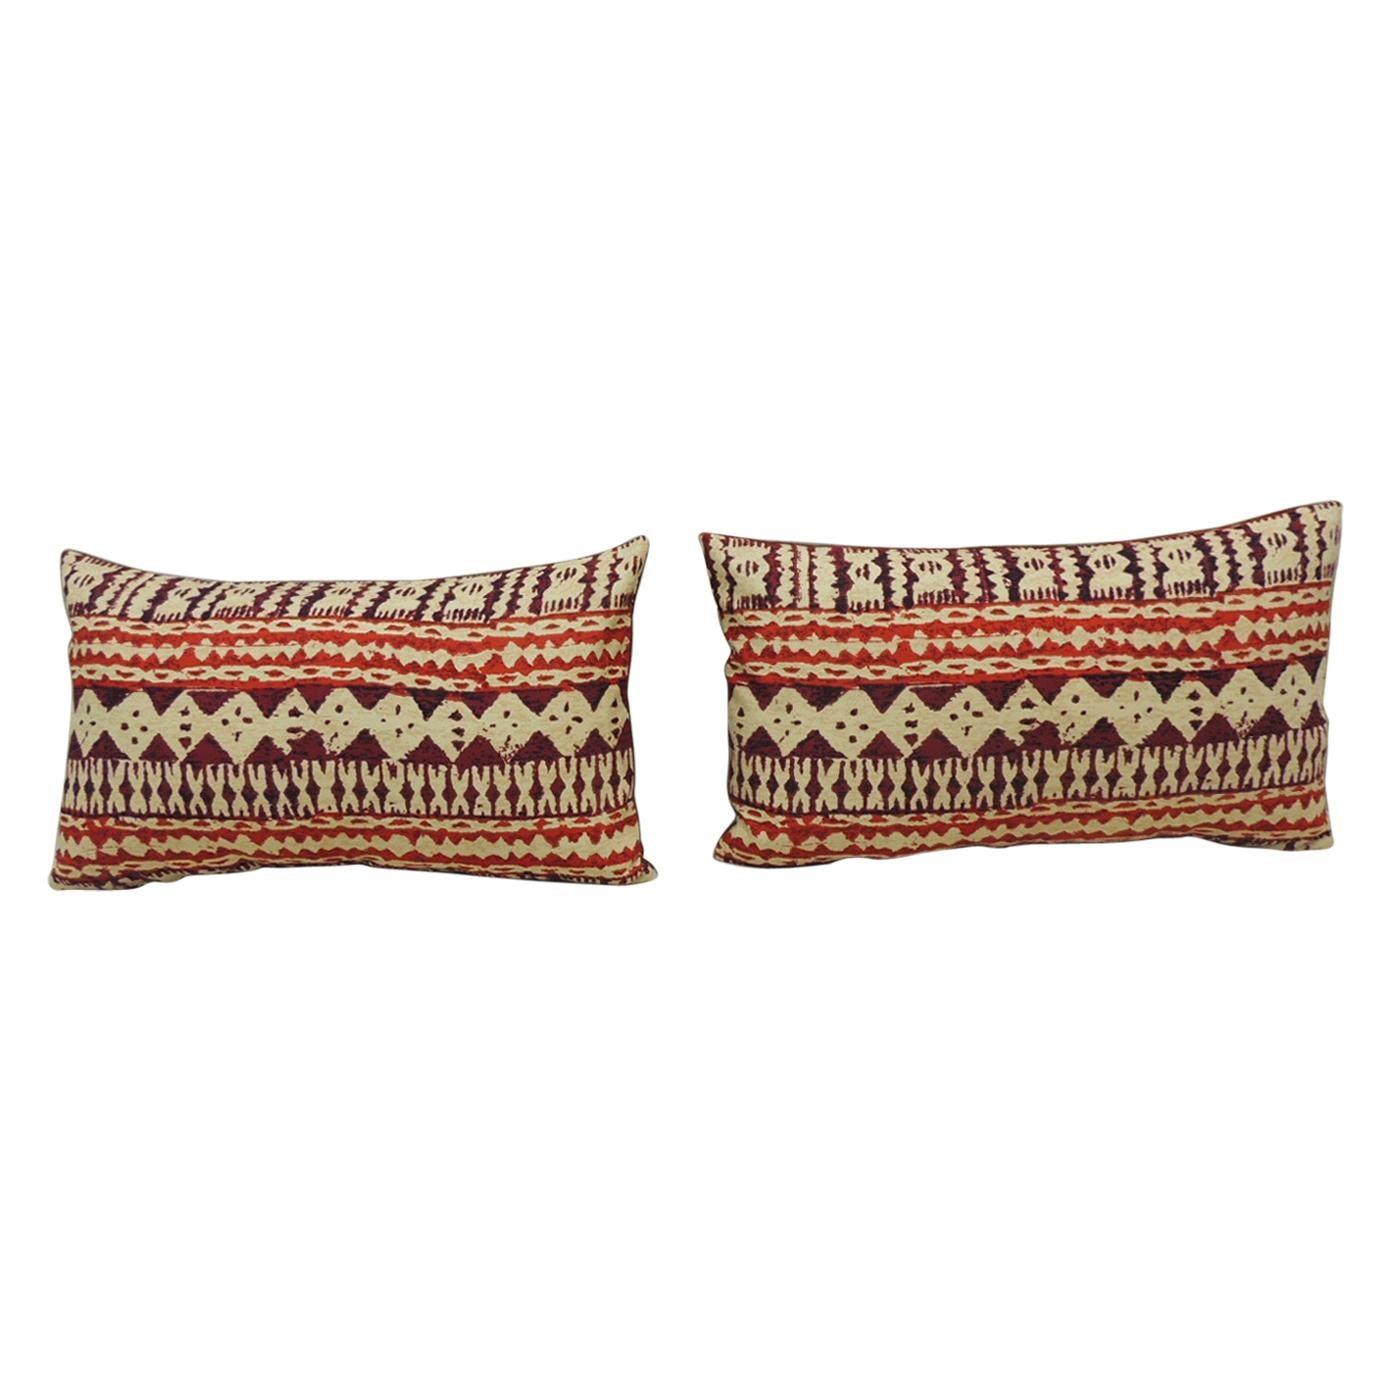 Throw Pillows Lumbar Pillows & Sofa